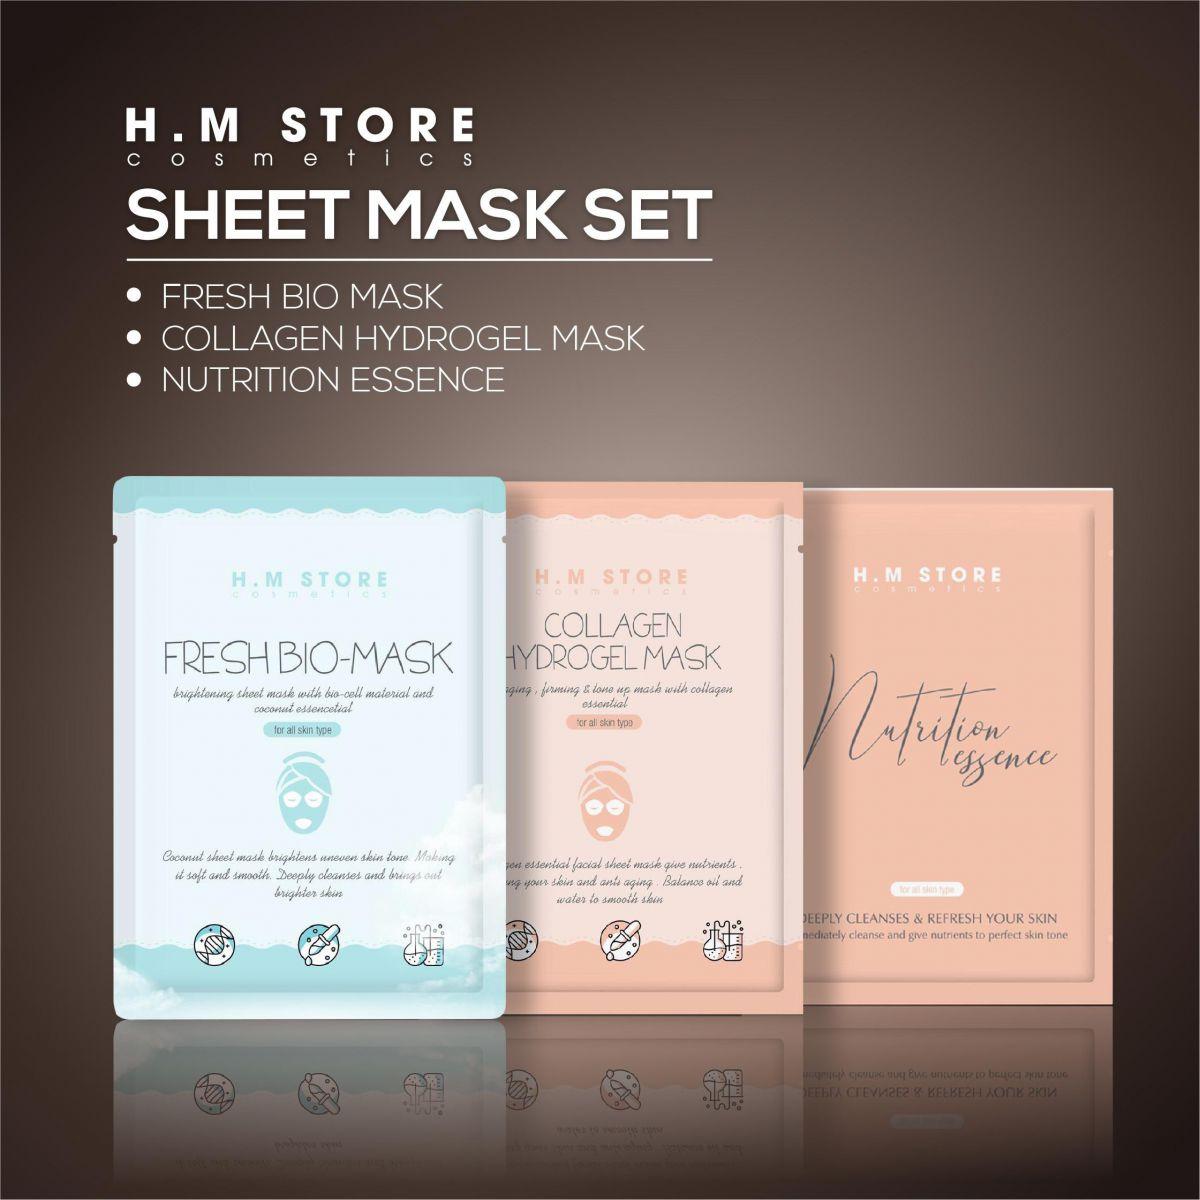 HM Store ra mắt dòng sản phẩm mặt nạ mới Sheet Mask Set - Ảnh 1